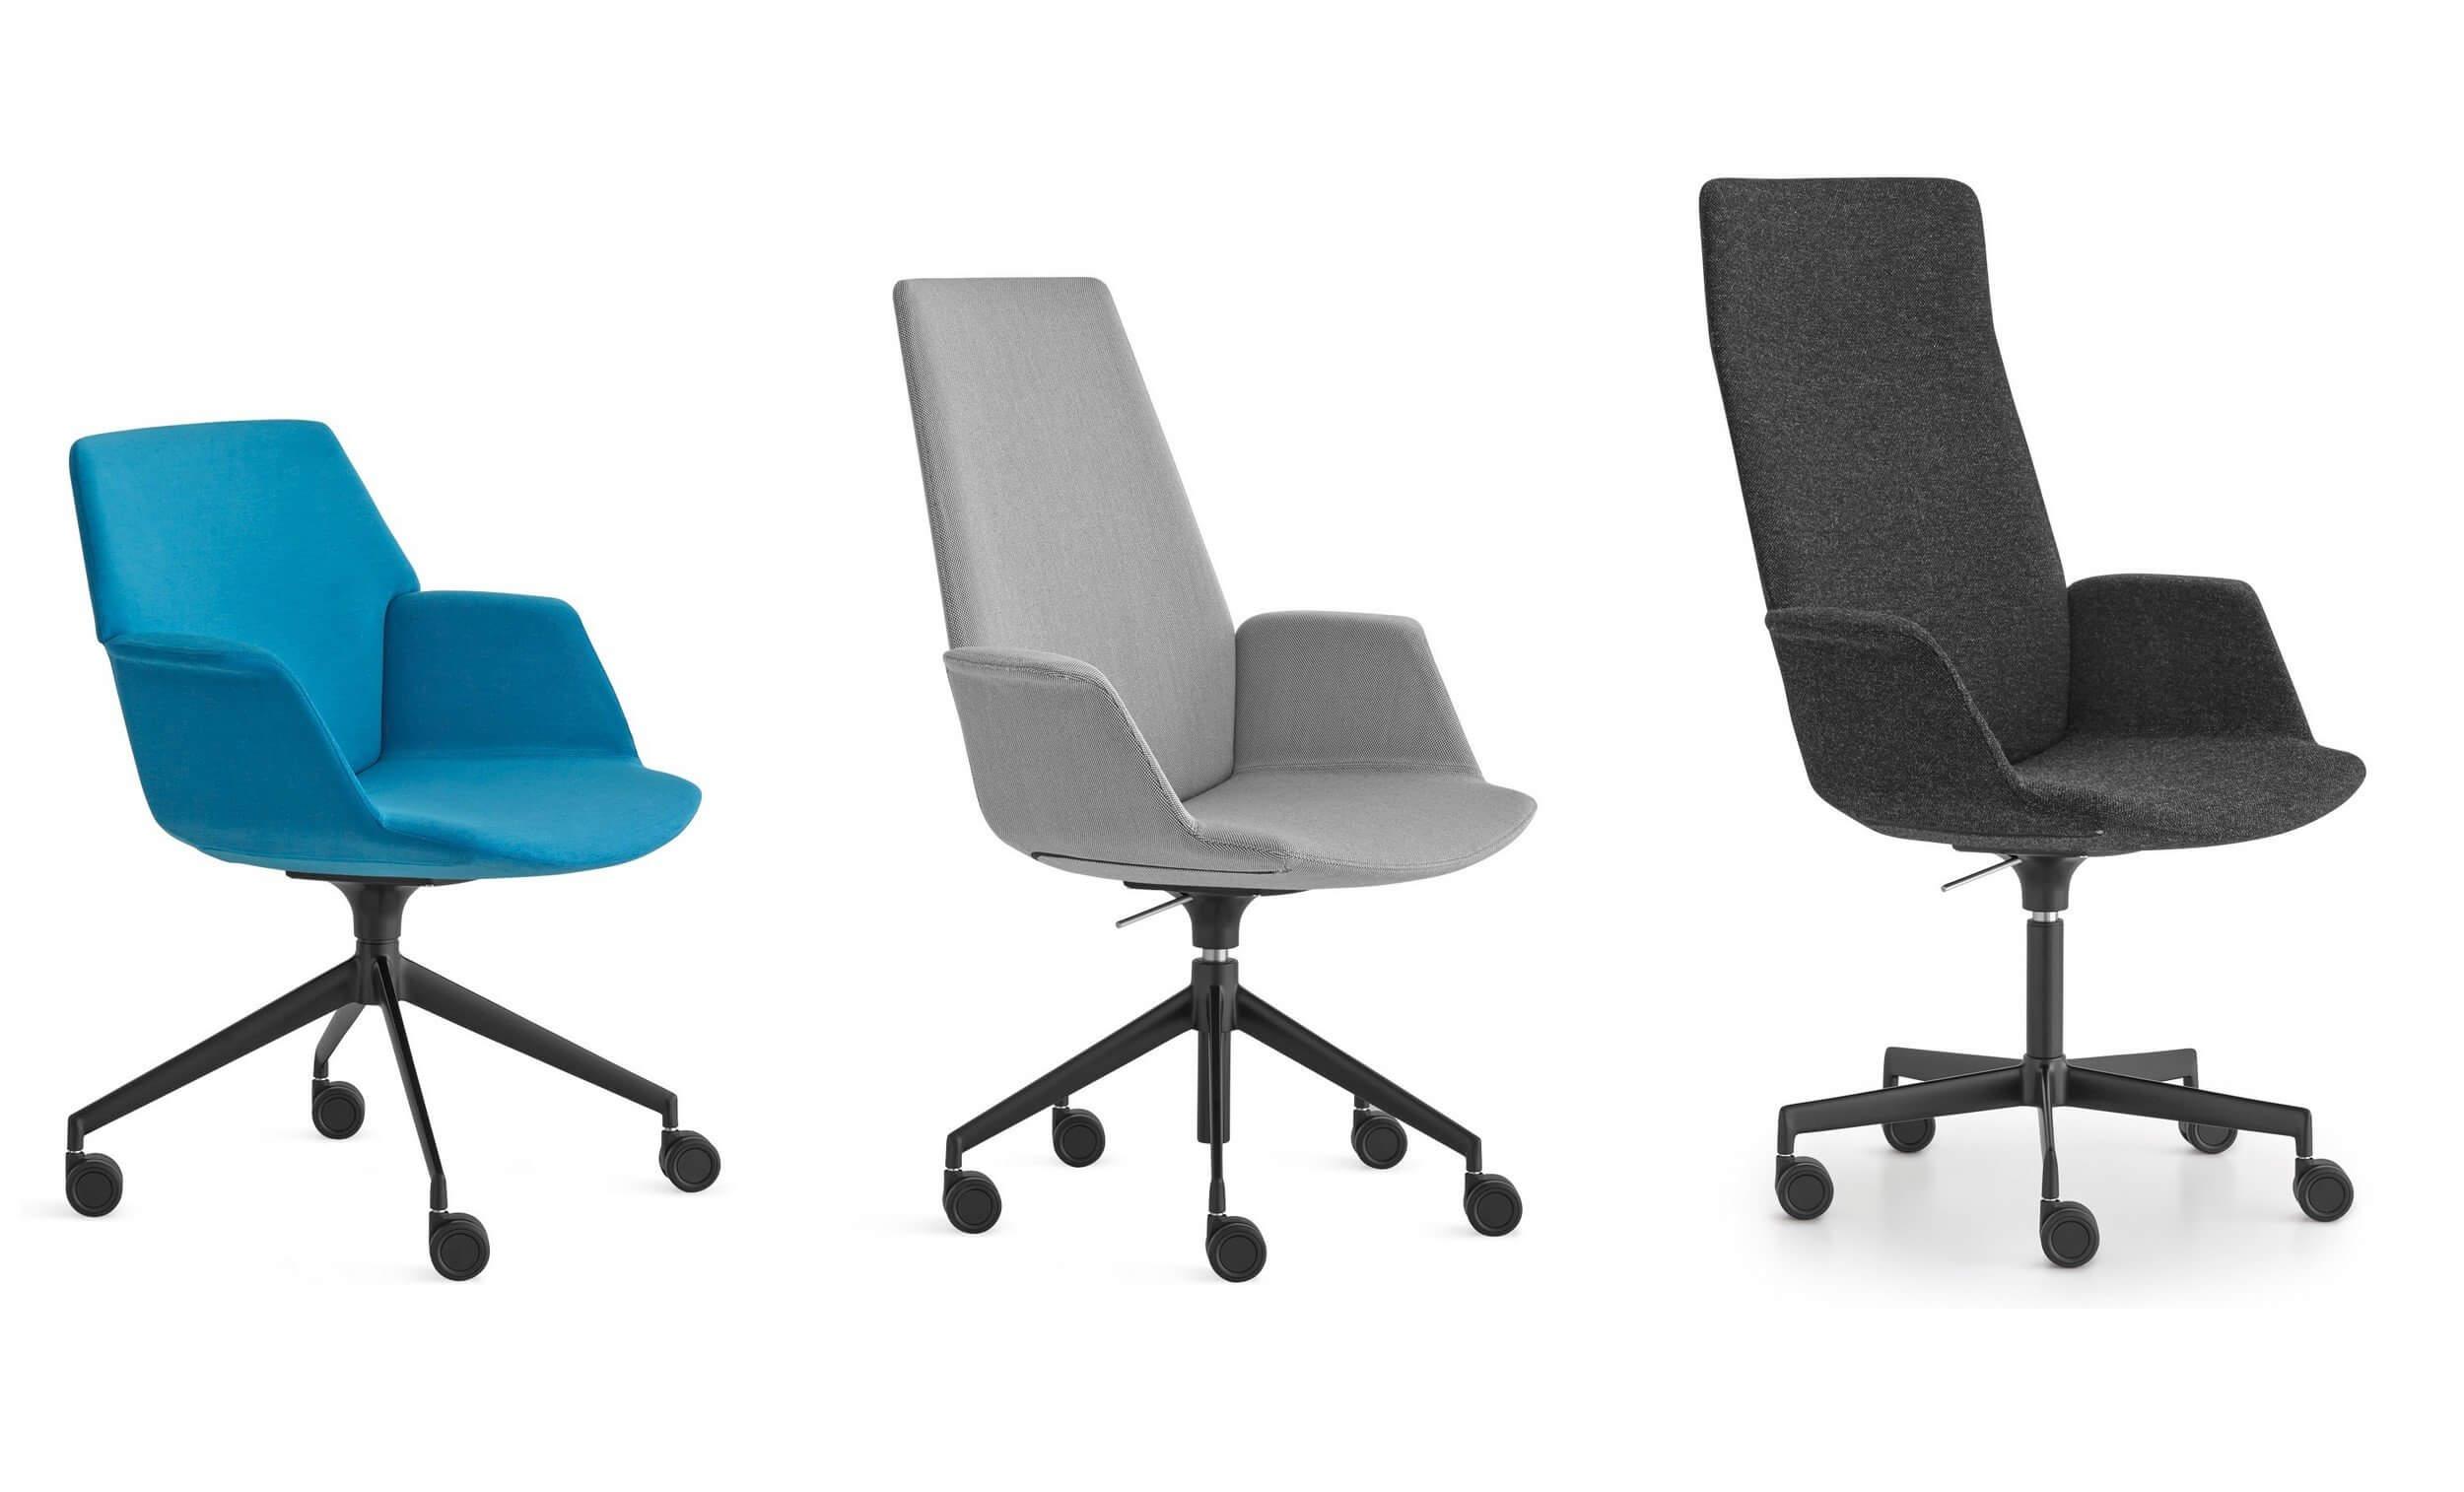 Chaise de bureau avec dossier haut ou bas.